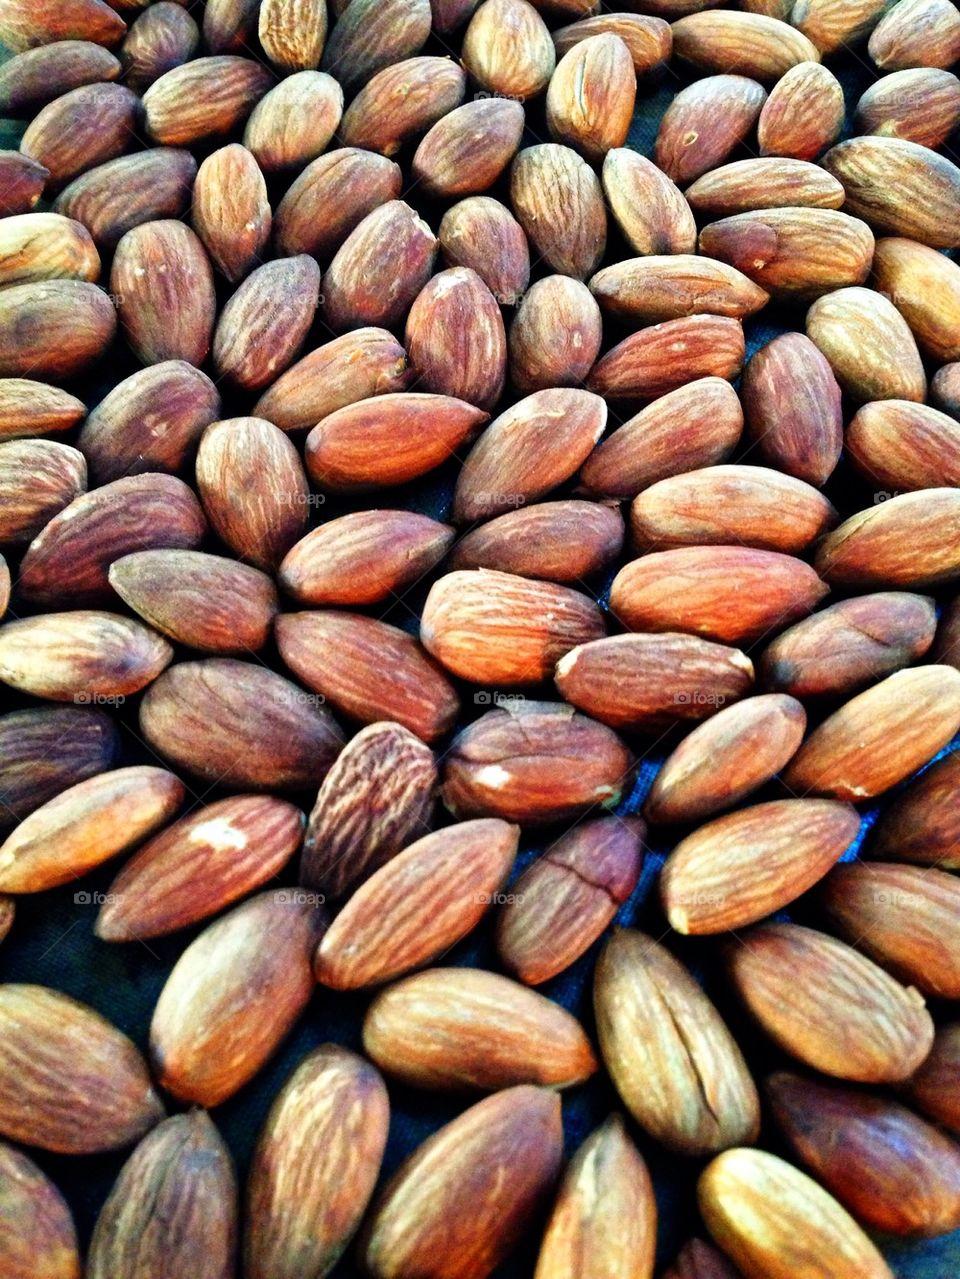 Full frame of roasted almonds